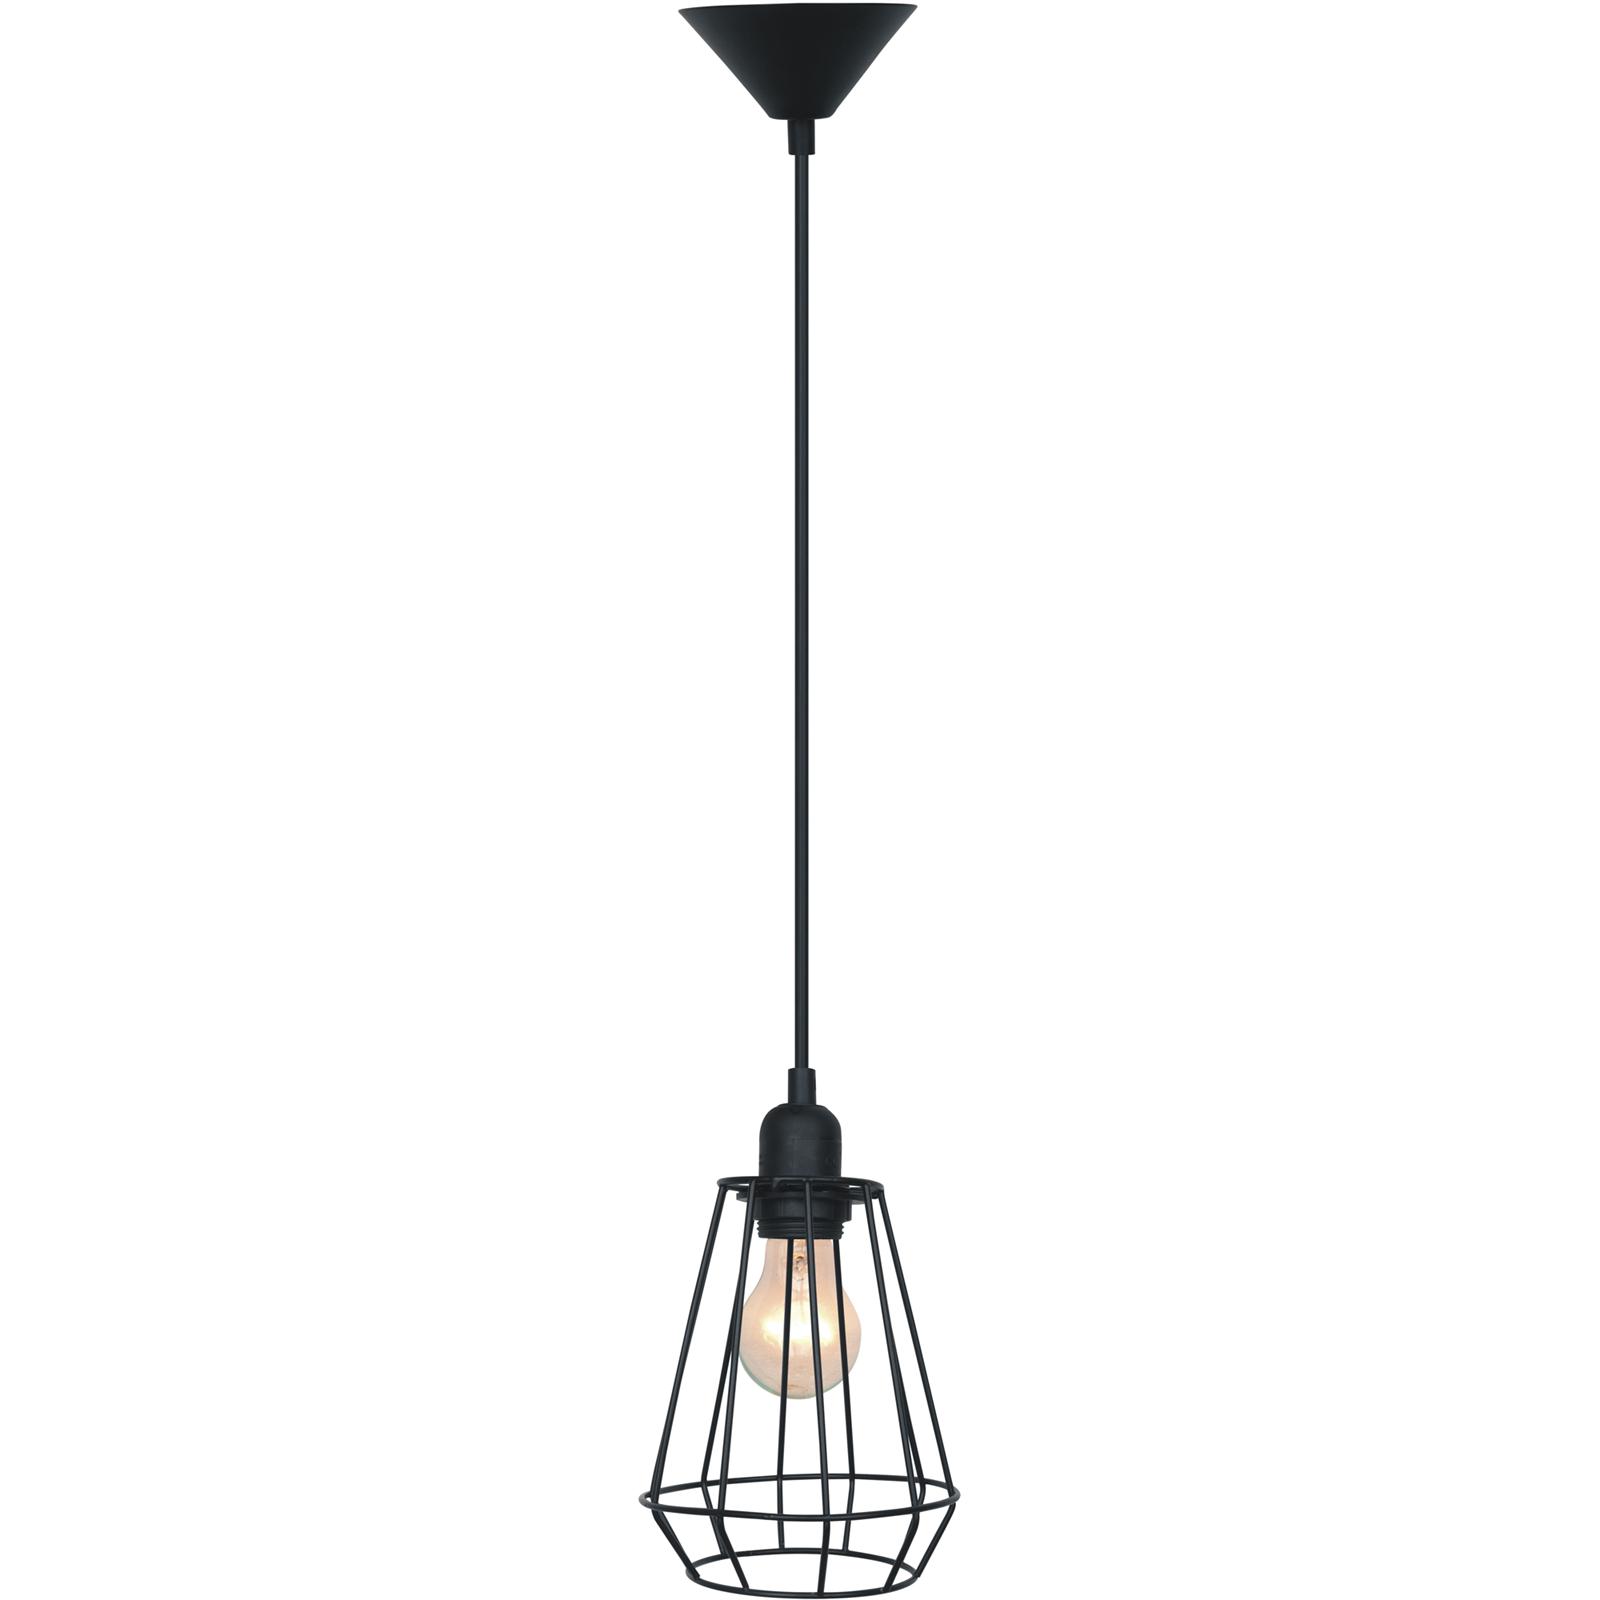 Cafe Lighting 240V Chilli Metal Pendant Light | Bunnings